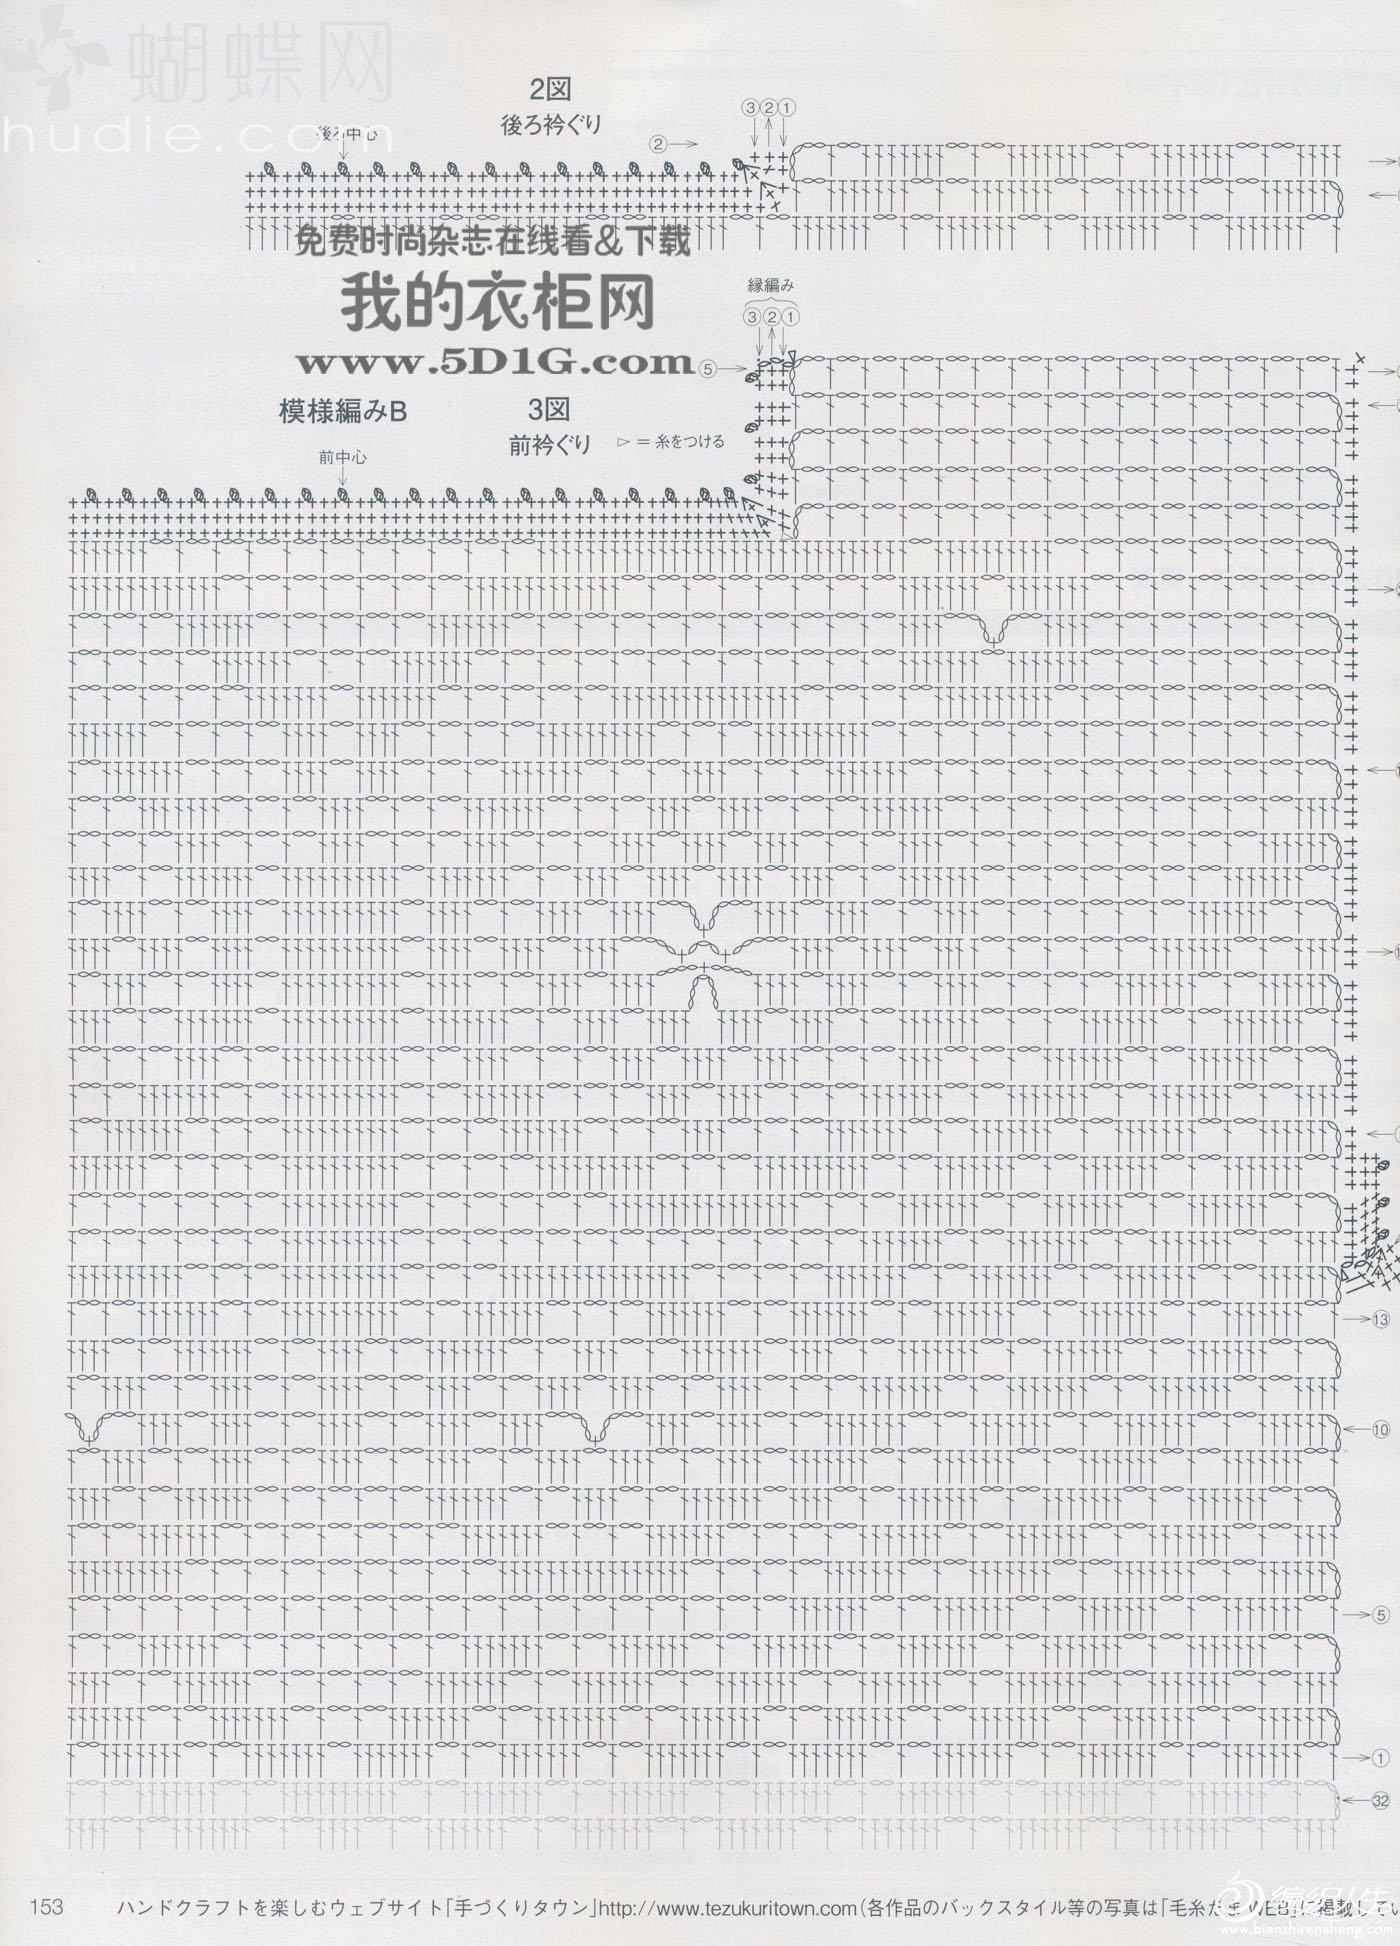 153.jpg